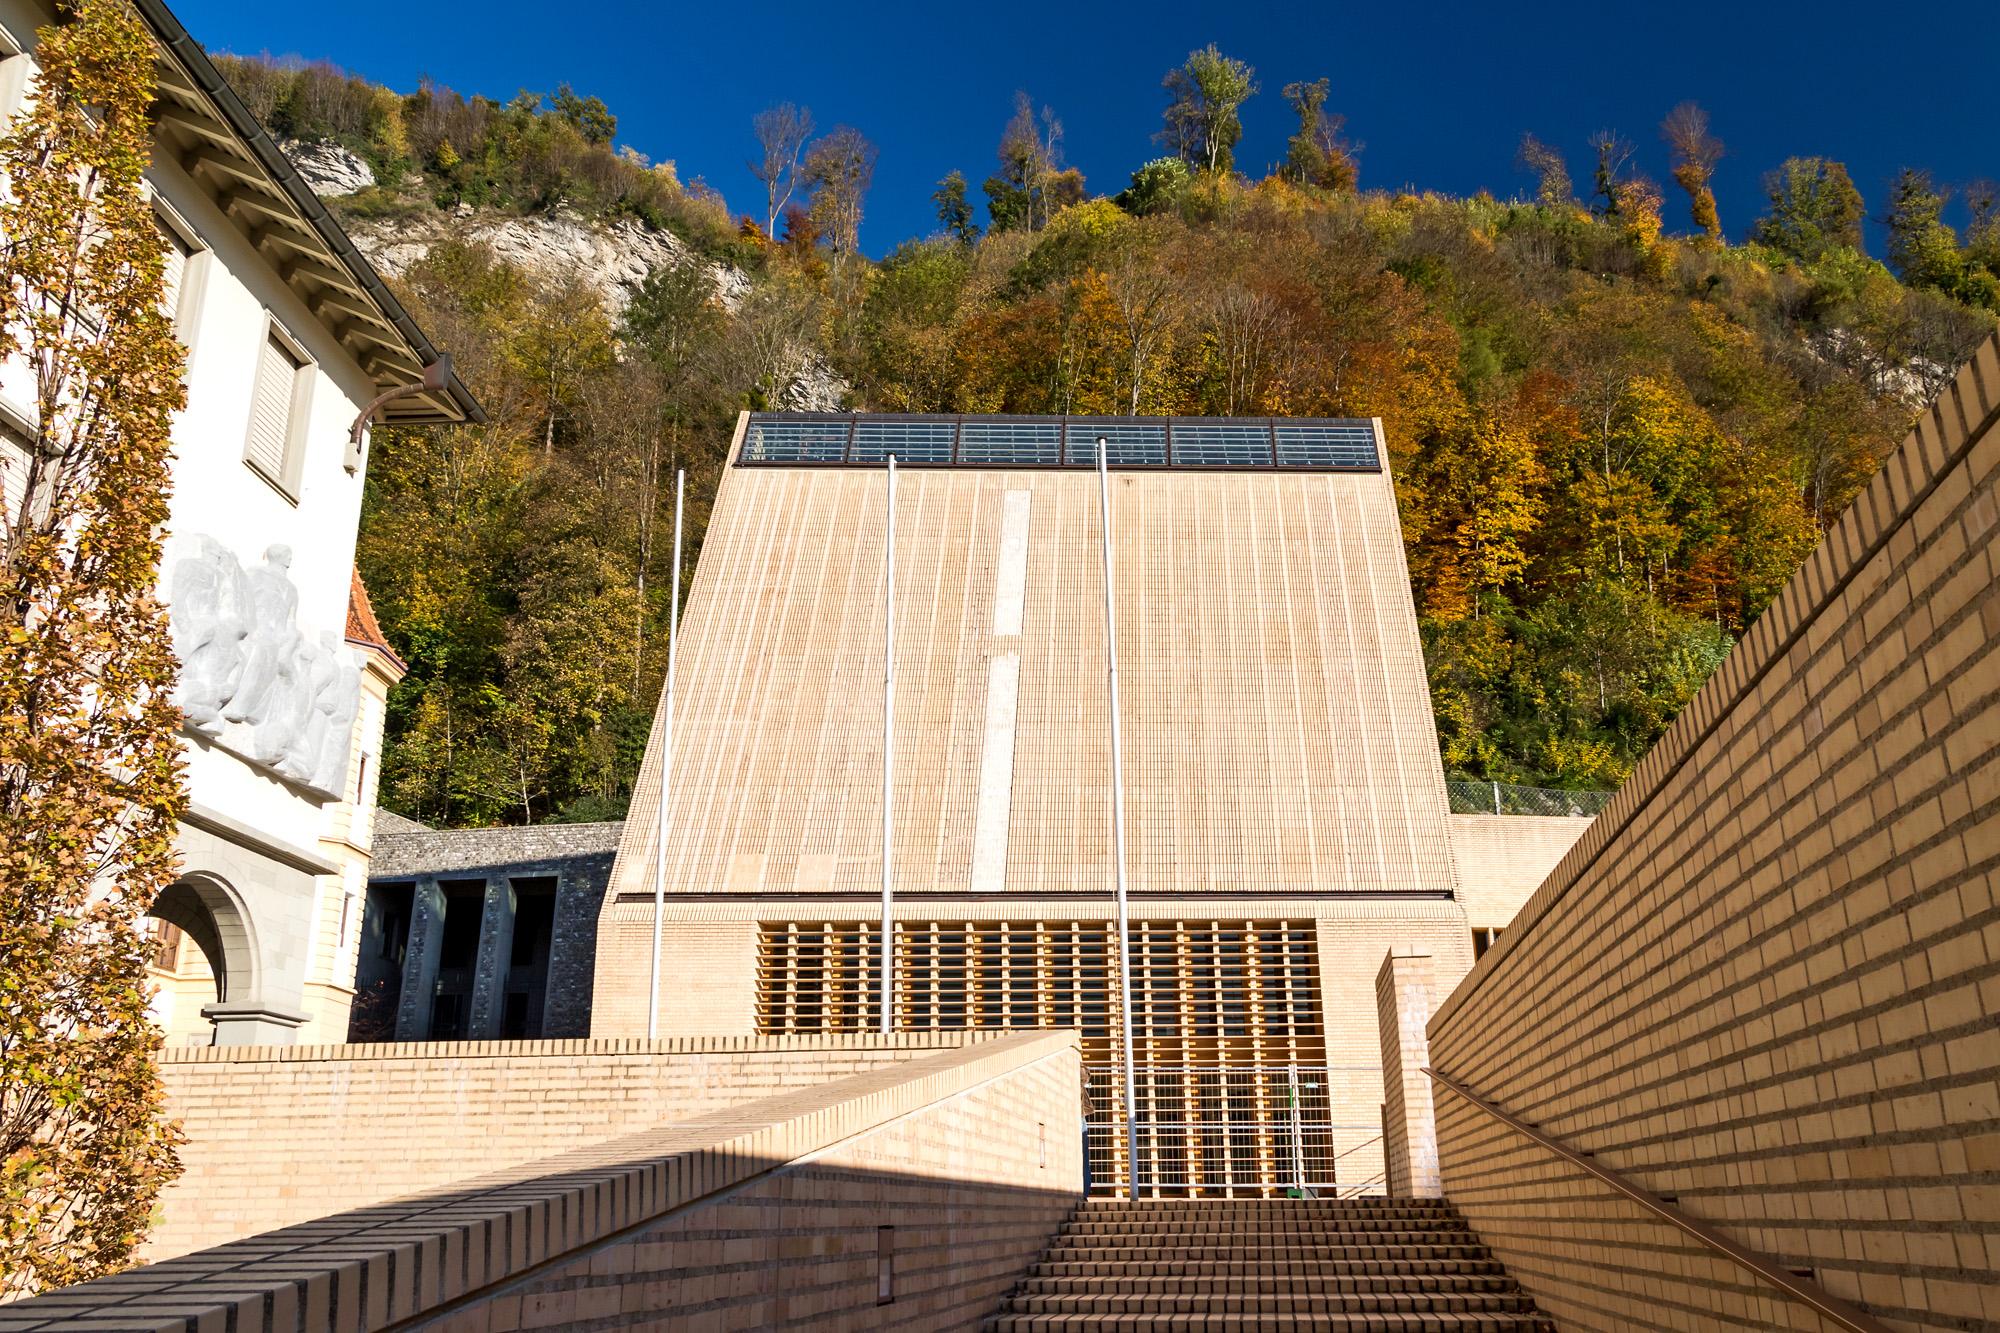 Architektonisches Statement: Das Landtagsgebäude aus dem Jahr 2008